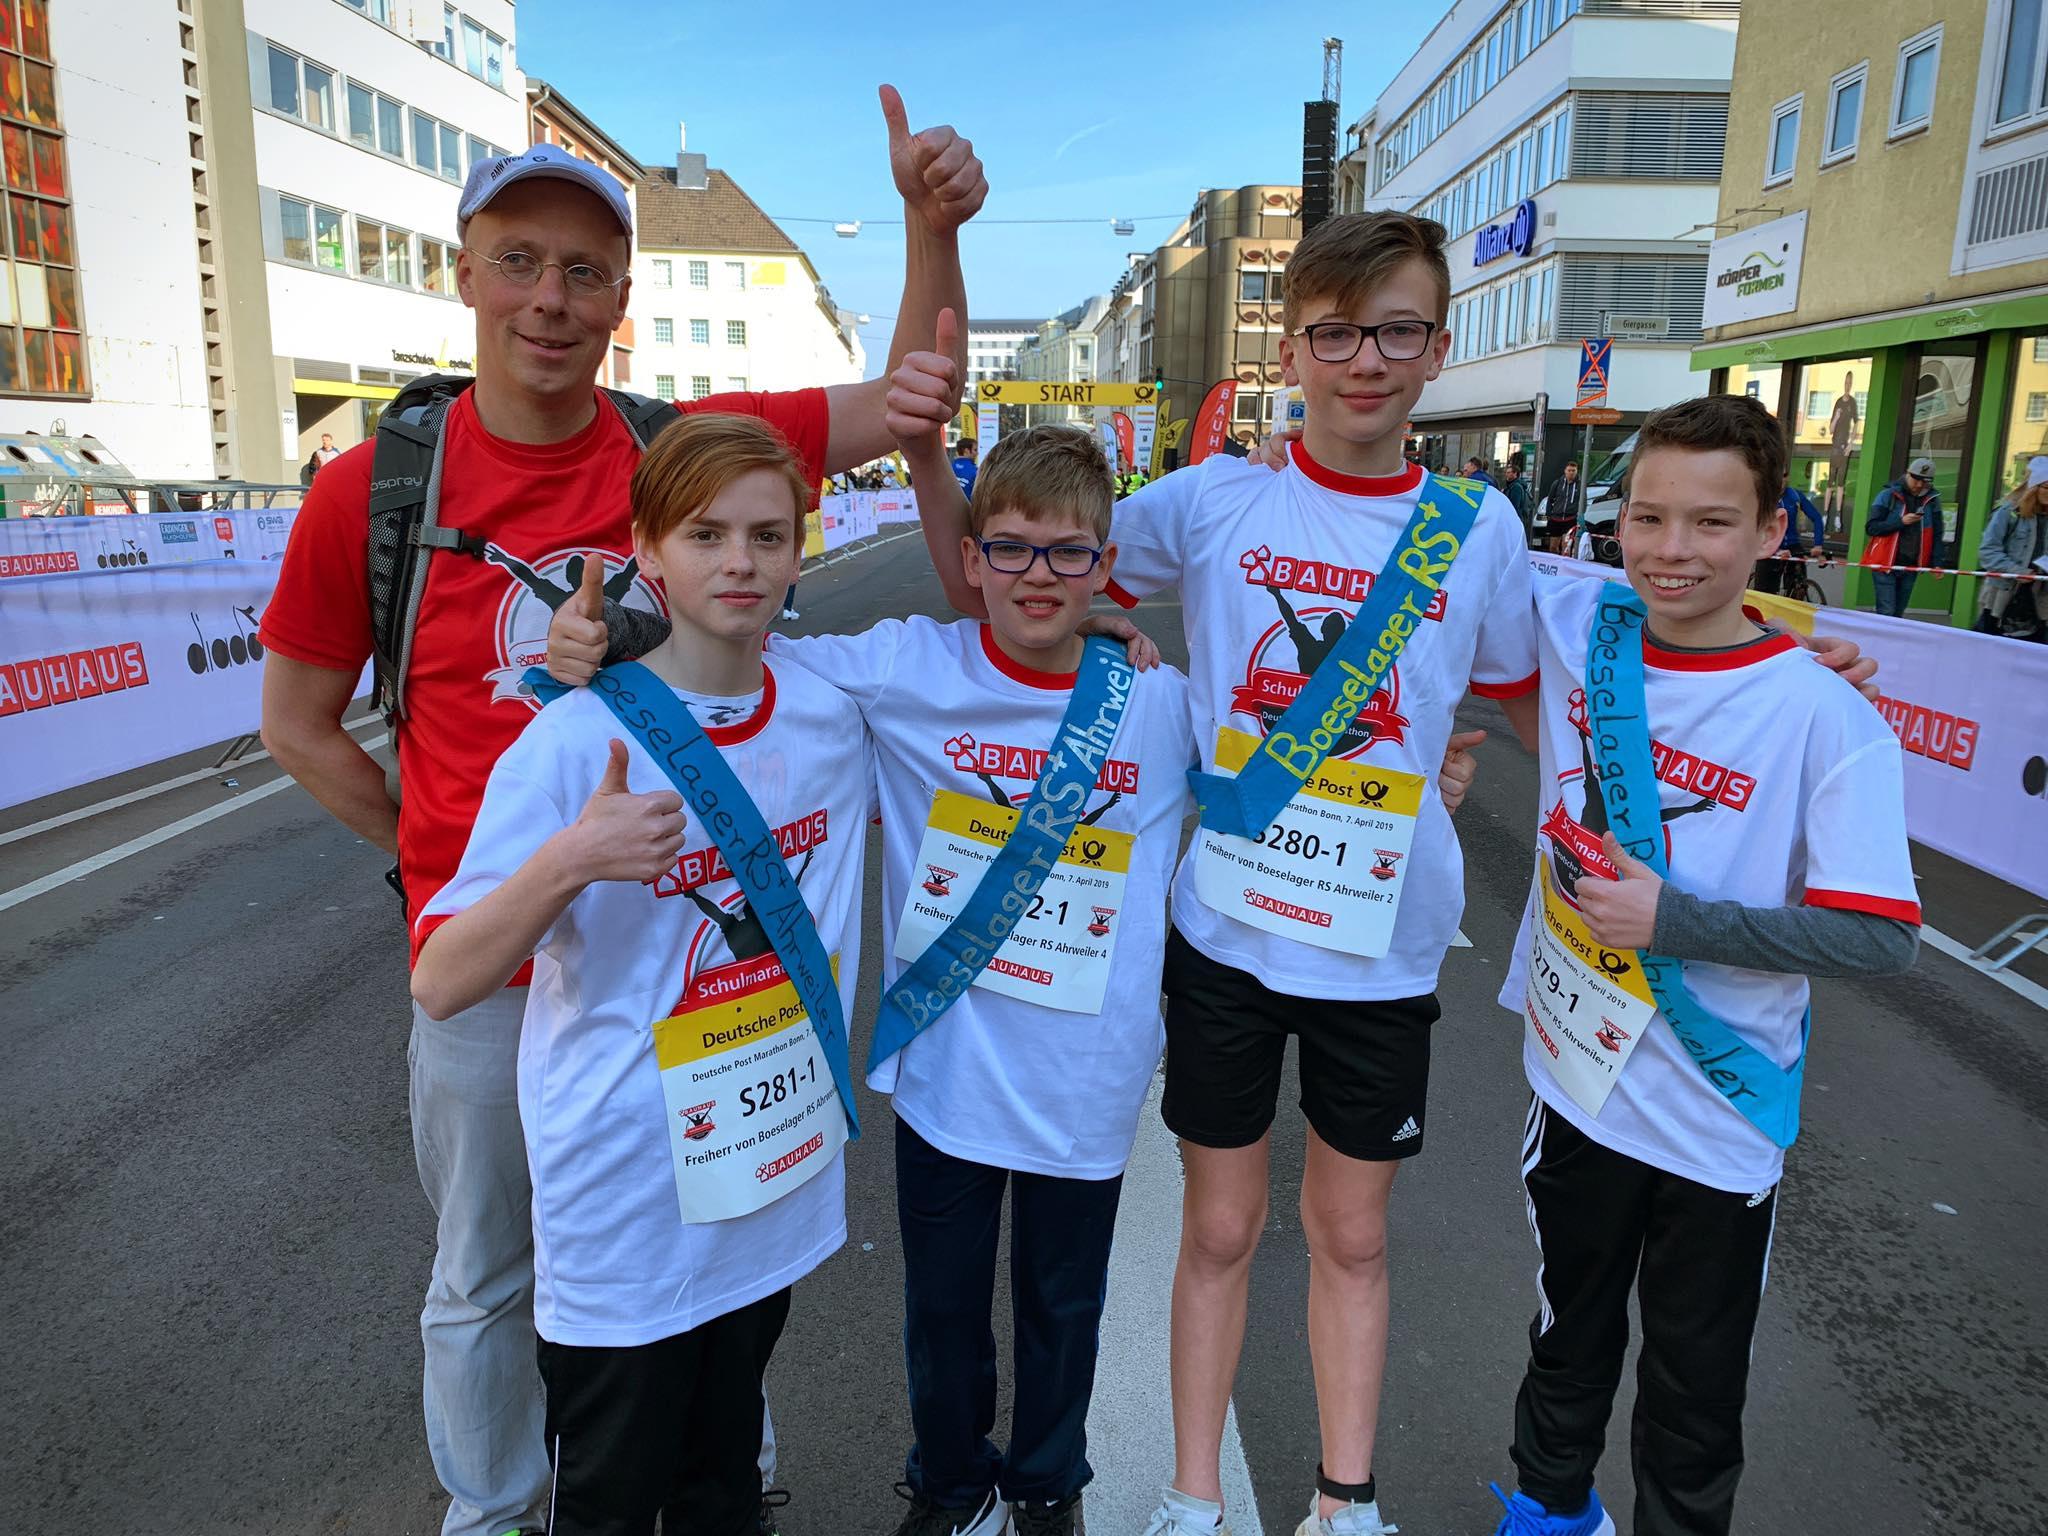 Die Startläufer David, Tim, Lukas und Noah brachten unsere Staffeln bei herrlichem Frühlingswetter ins Rennen - mit auf dem Foto: Chef-Organisator Dr. Thomas Schröer